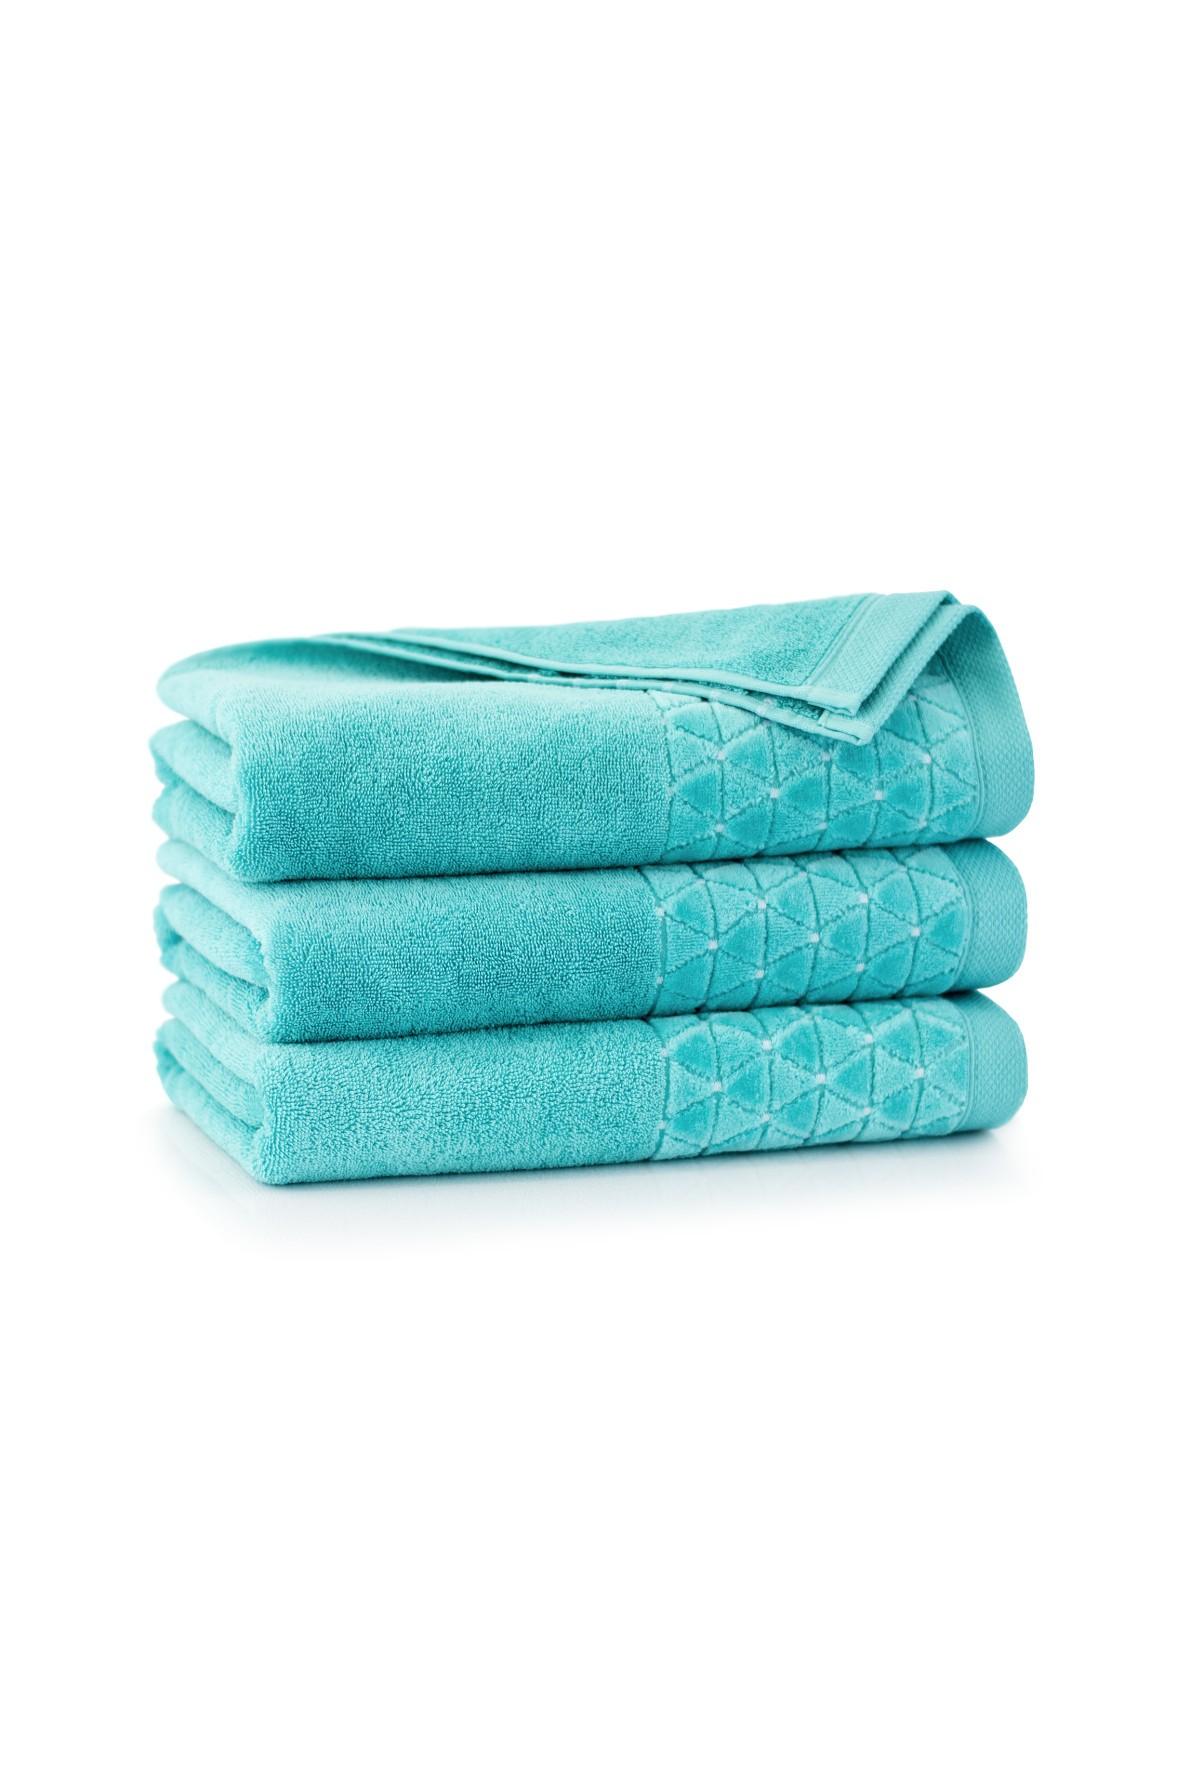 Ręcznik antybakteryjny Oscar z bawełny egipskiej patyna- 70x140 cm